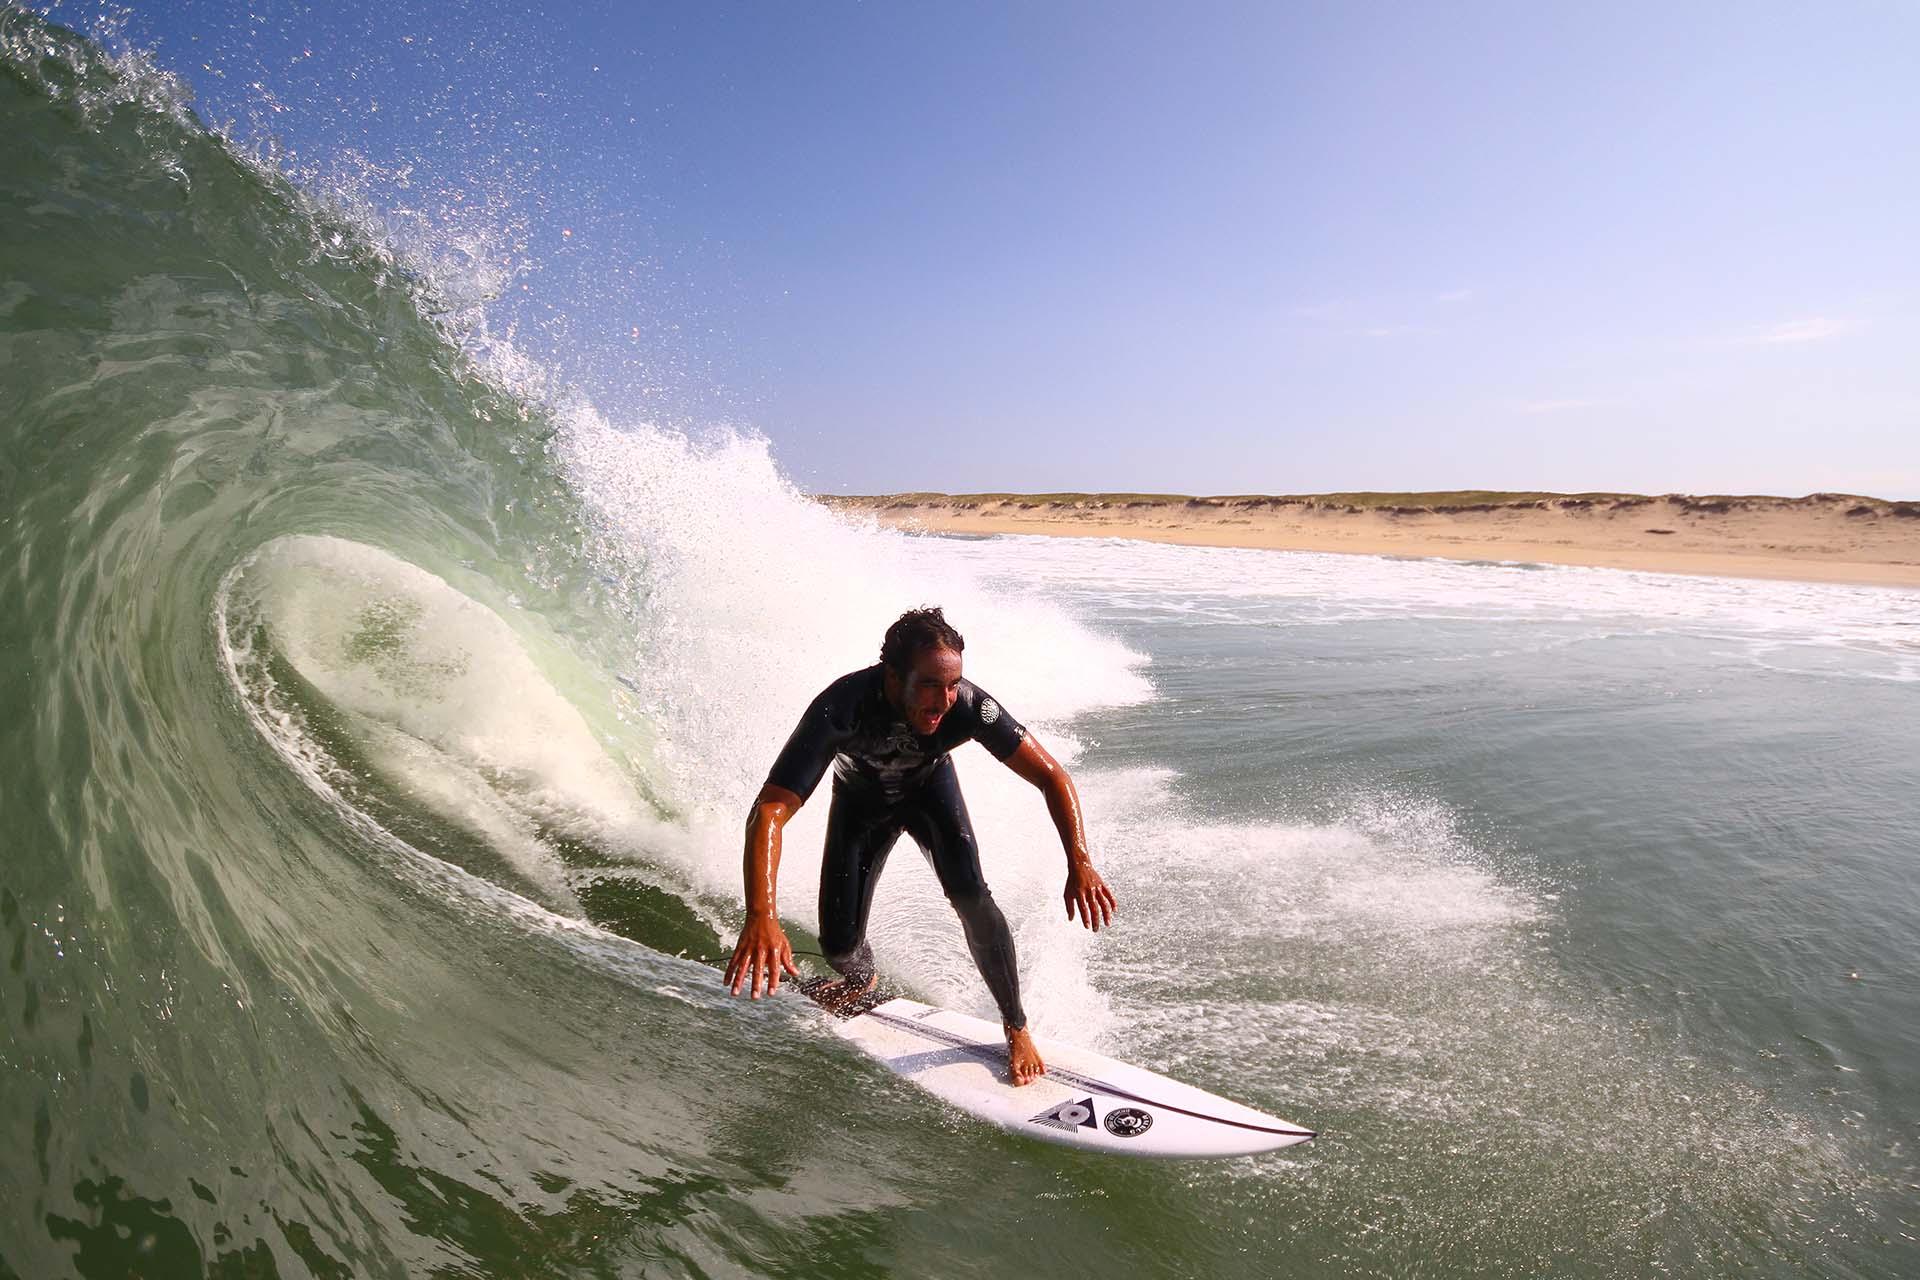 Photographe sport bordeaux photographe surf bordeaux photographe mariage bordeaux gironde aquitaine